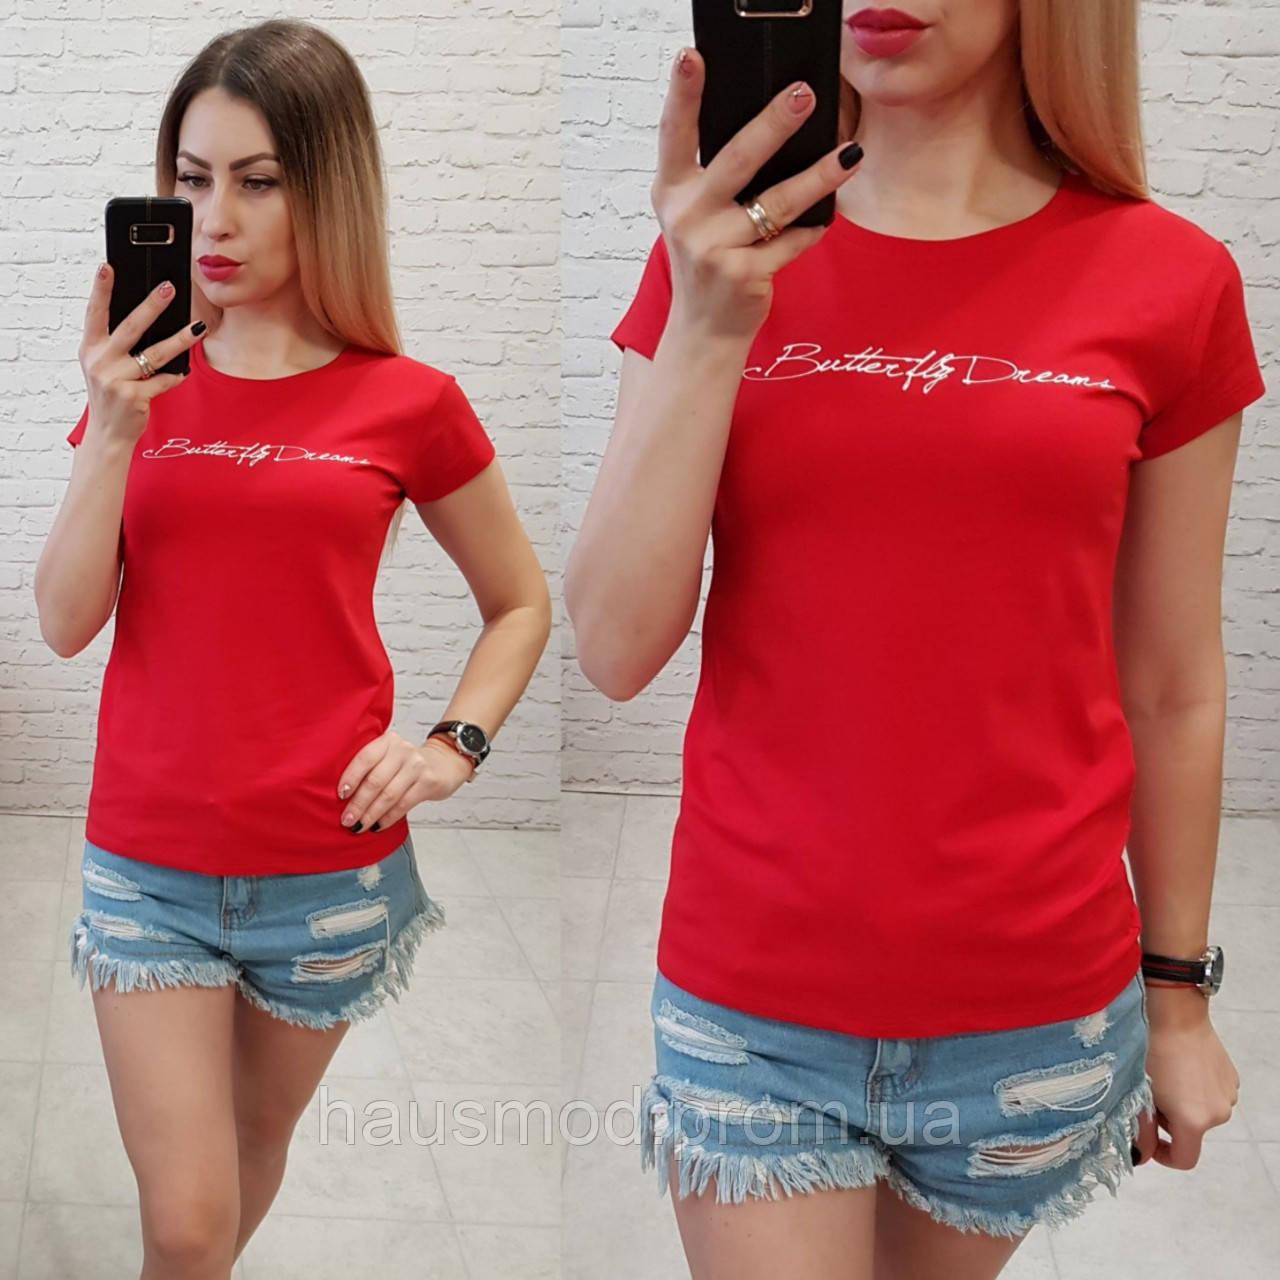 Футболка женская летняя надпись Butterfly Dreams качество турция цвет красный